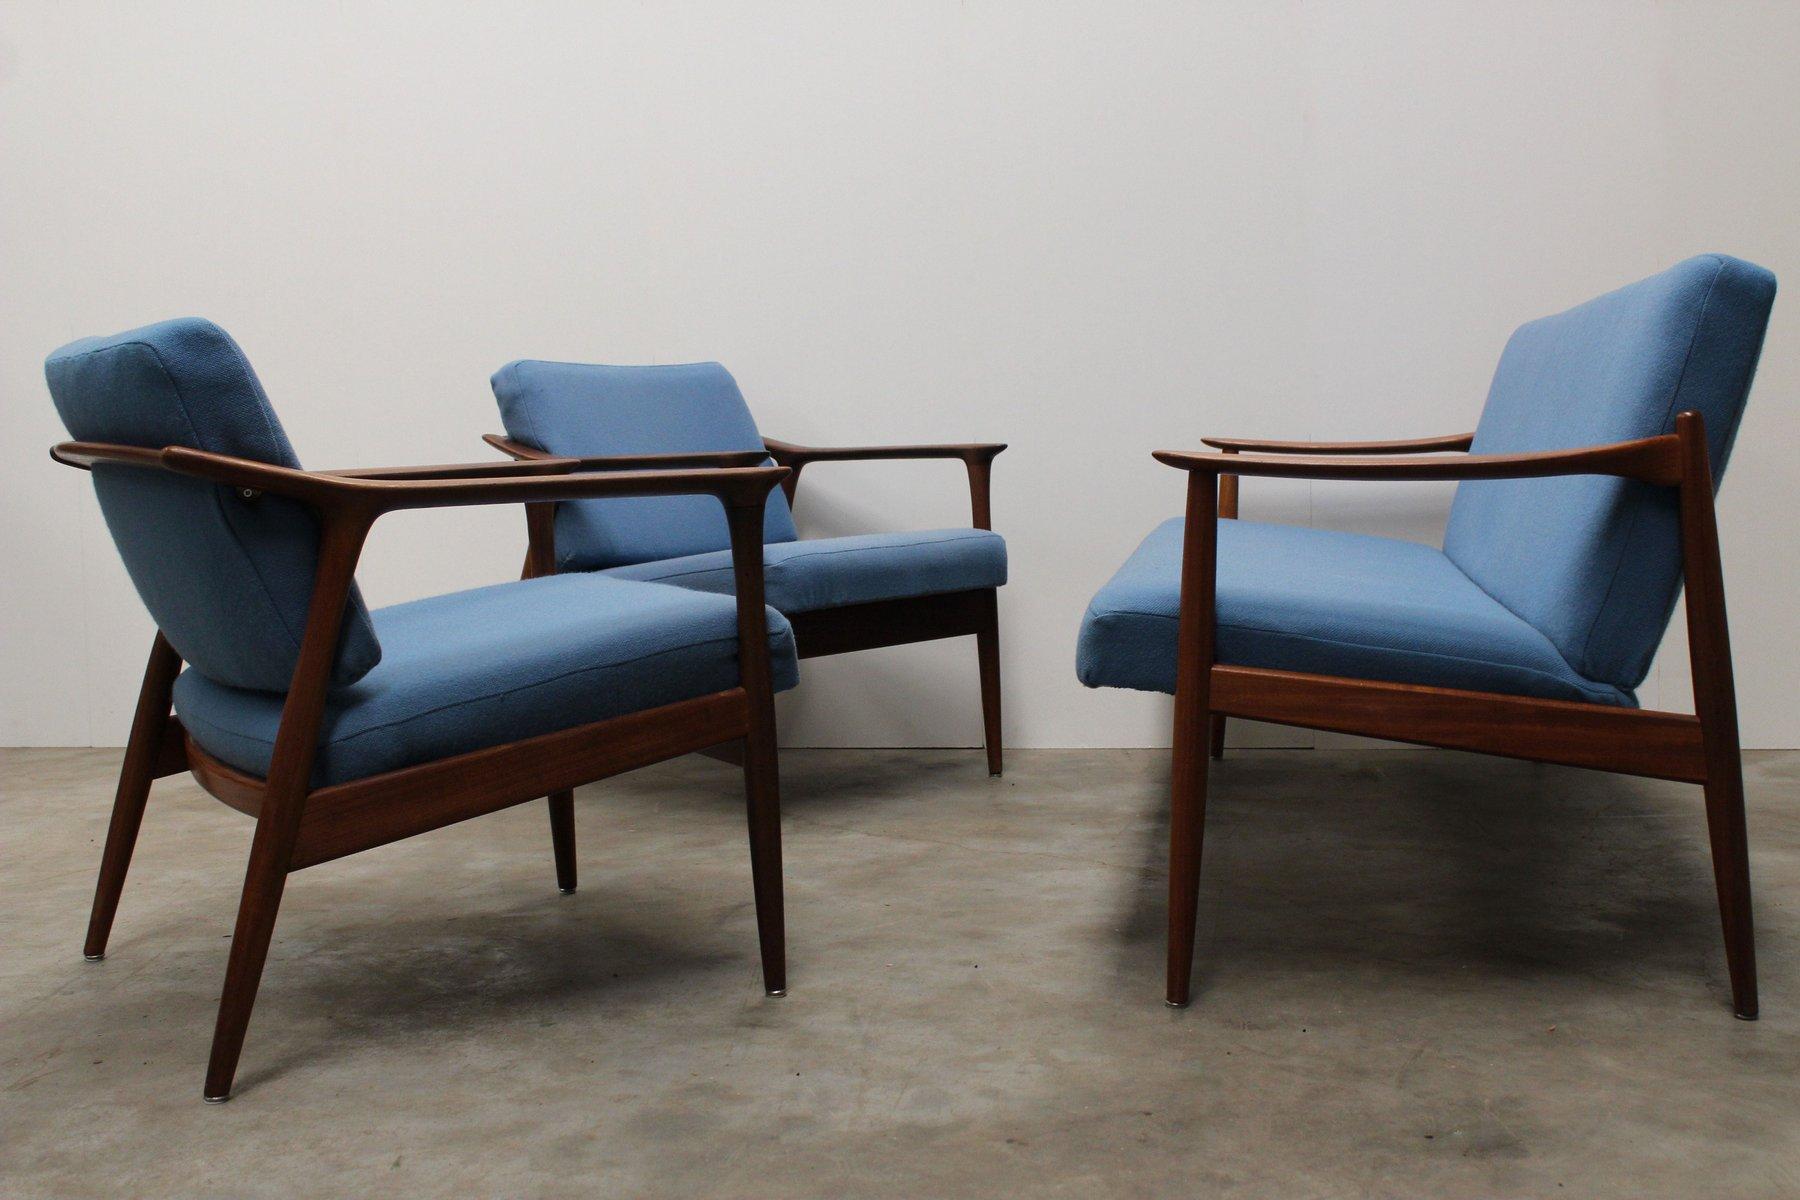 mid century danish living room set by torbj rn afdal for sandvik mobler 1950s for sale at pamono. Black Bedroom Furniture Sets. Home Design Ideas